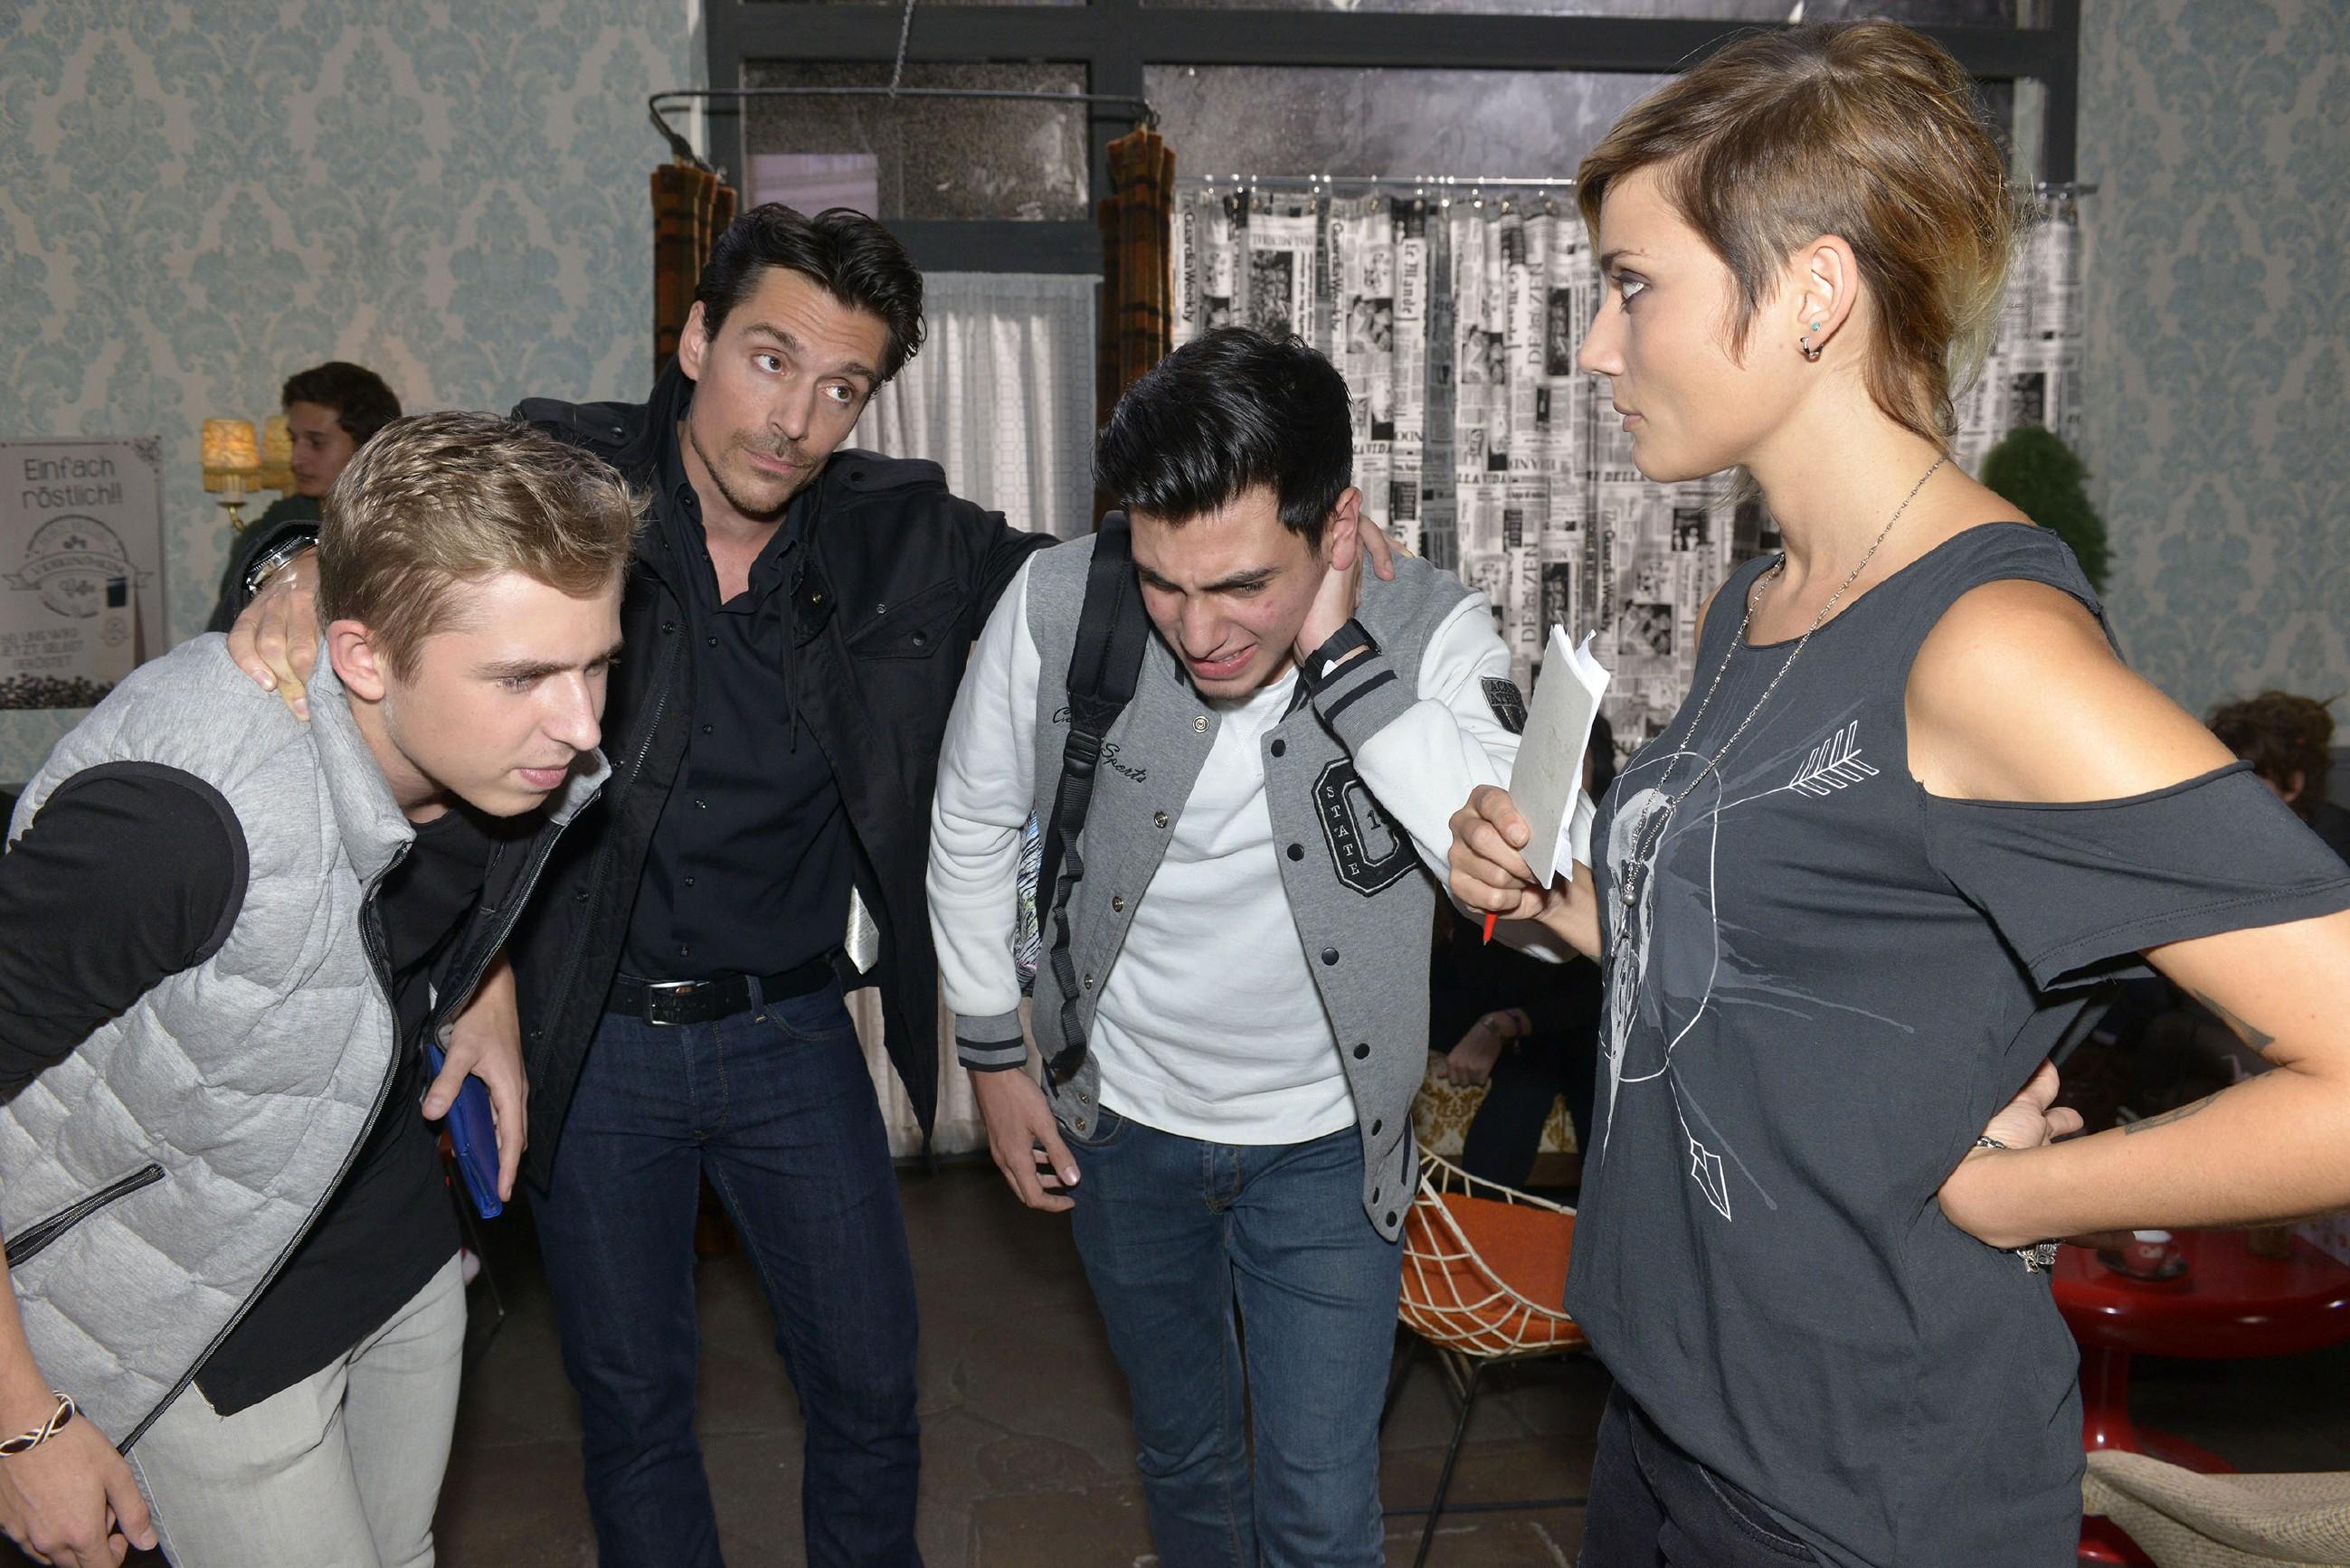 Obwohl David (Philipp Christopher, 2.v.l.) Anni (Linda Marlen Runge, r.) bei einer stressigen Schicht mit nervenden Gästen (Komparsen) im Vereinsheim hilft, ist sie nicht bereit, ihm zu verzeihen. (Quelle: RTL / Rolf Baumgartner)